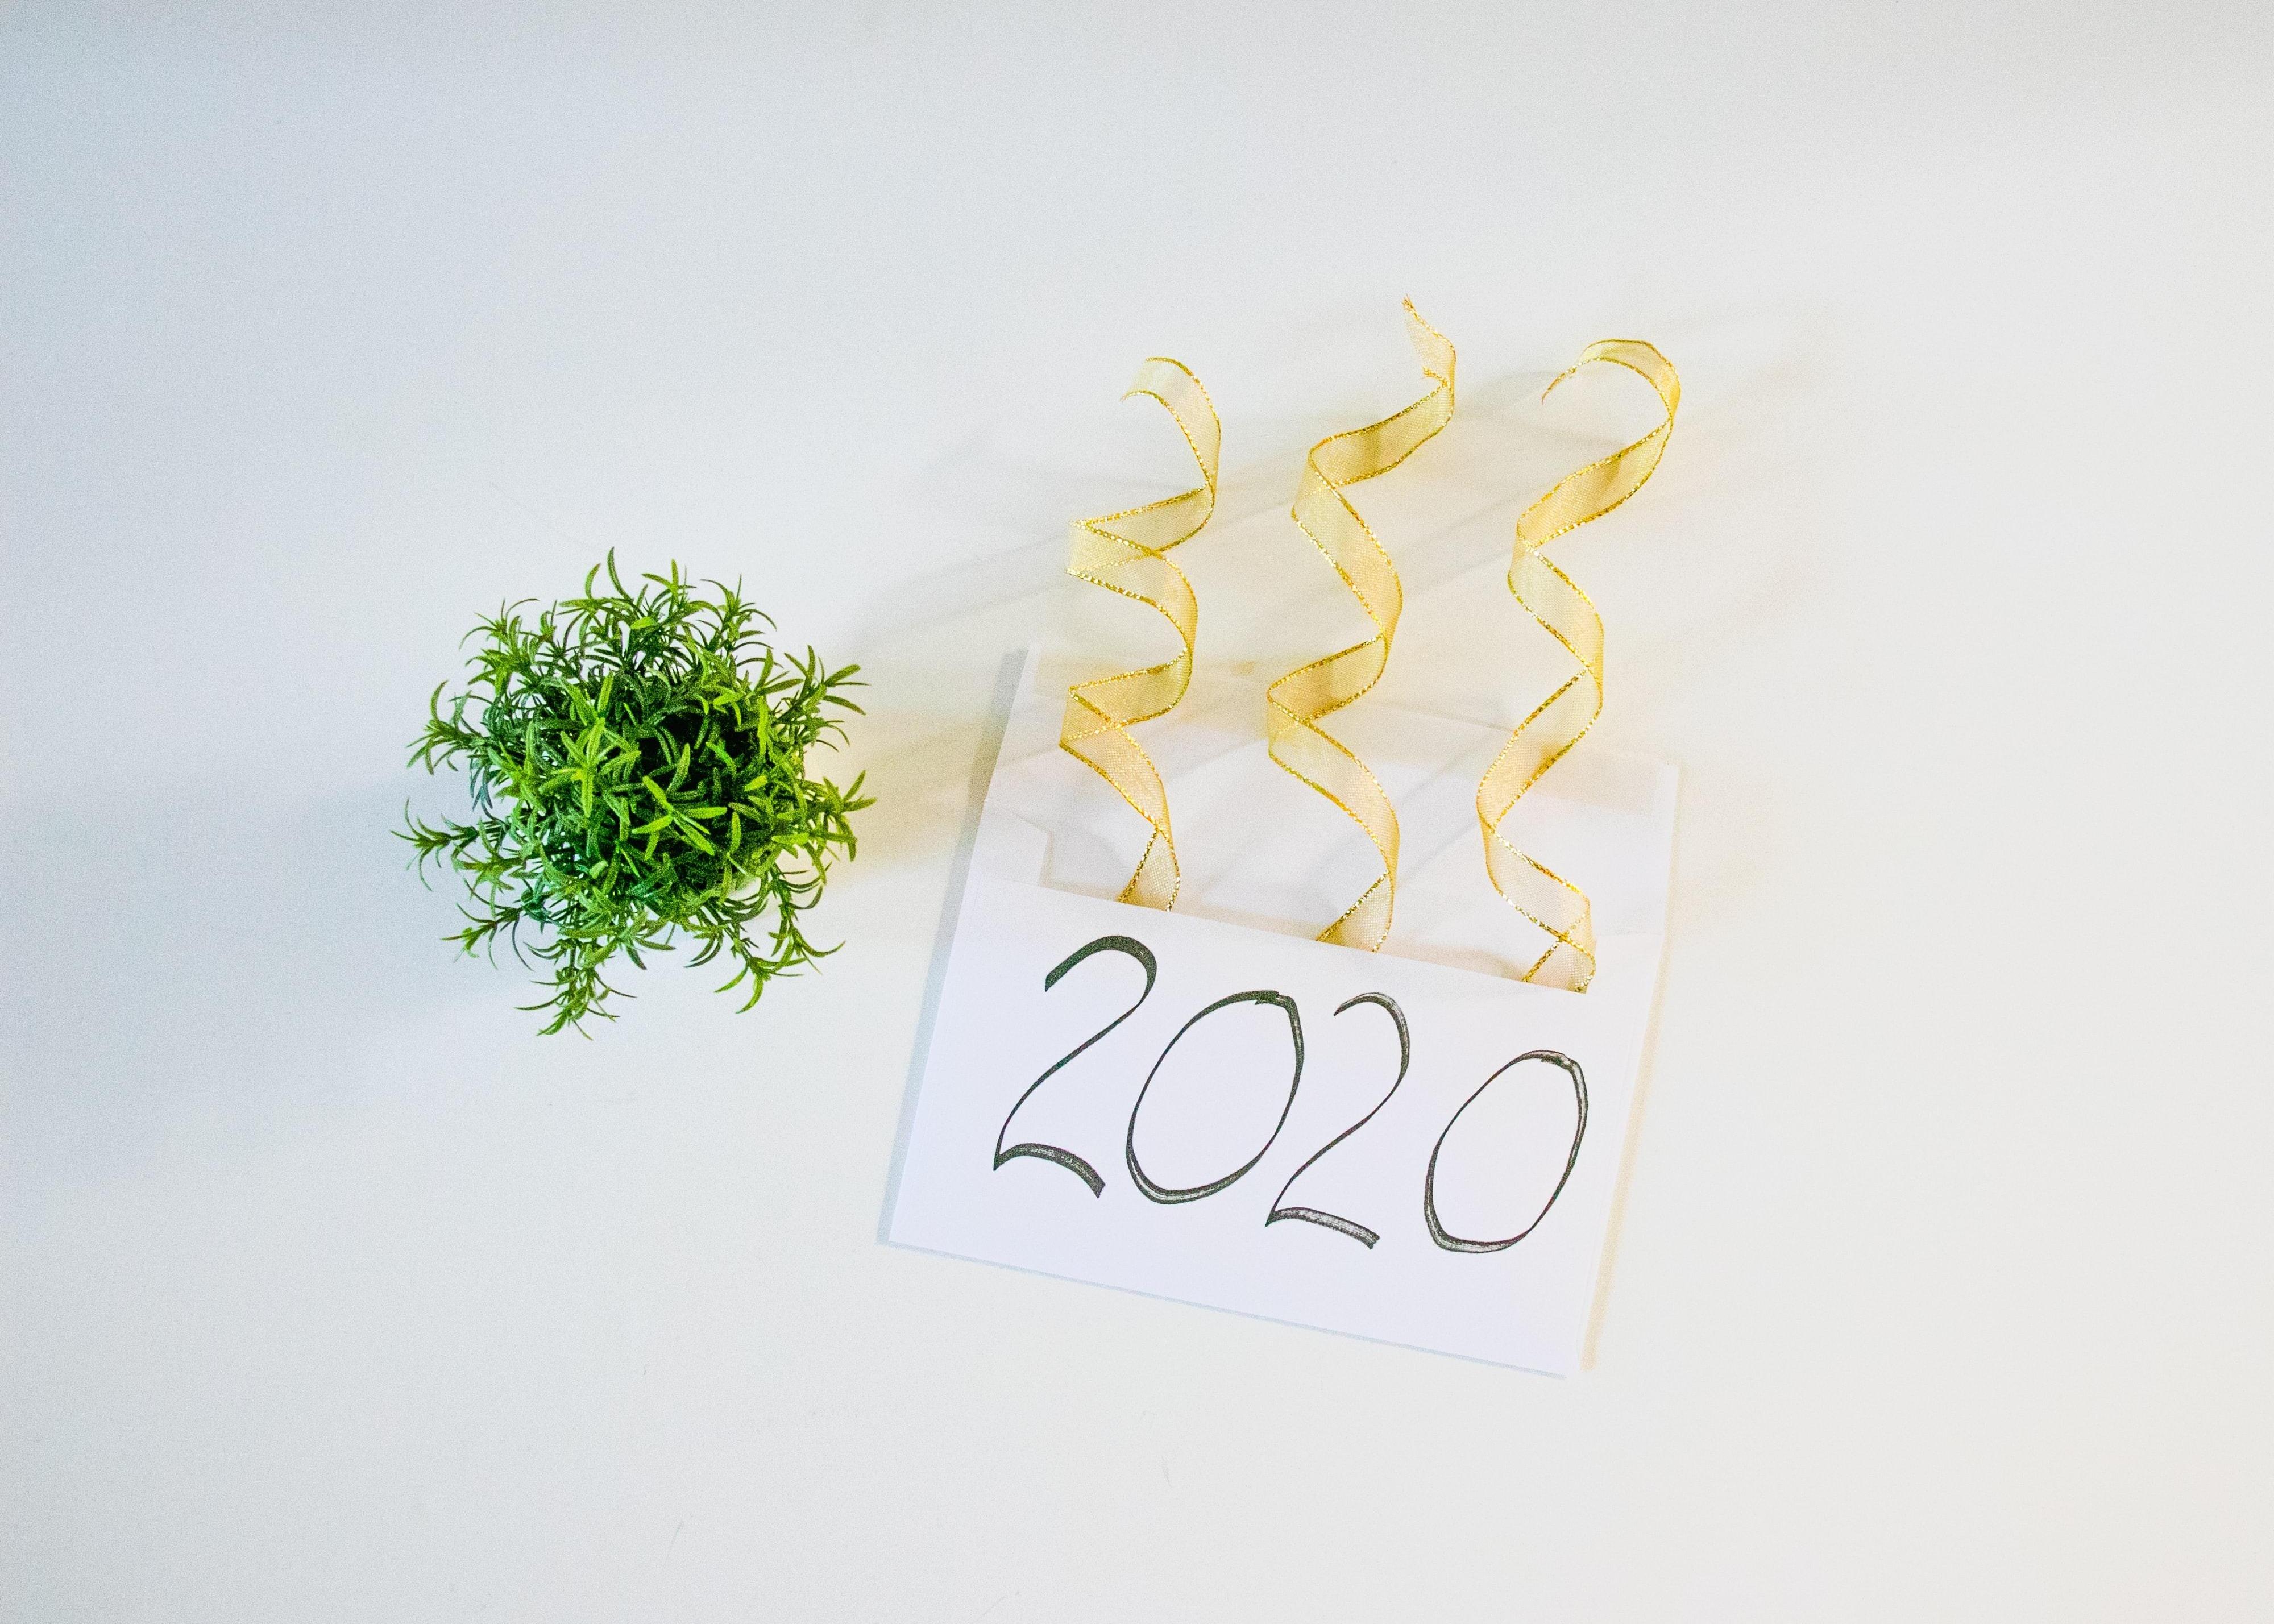 Make 2020 A Great Year! Thumbnail